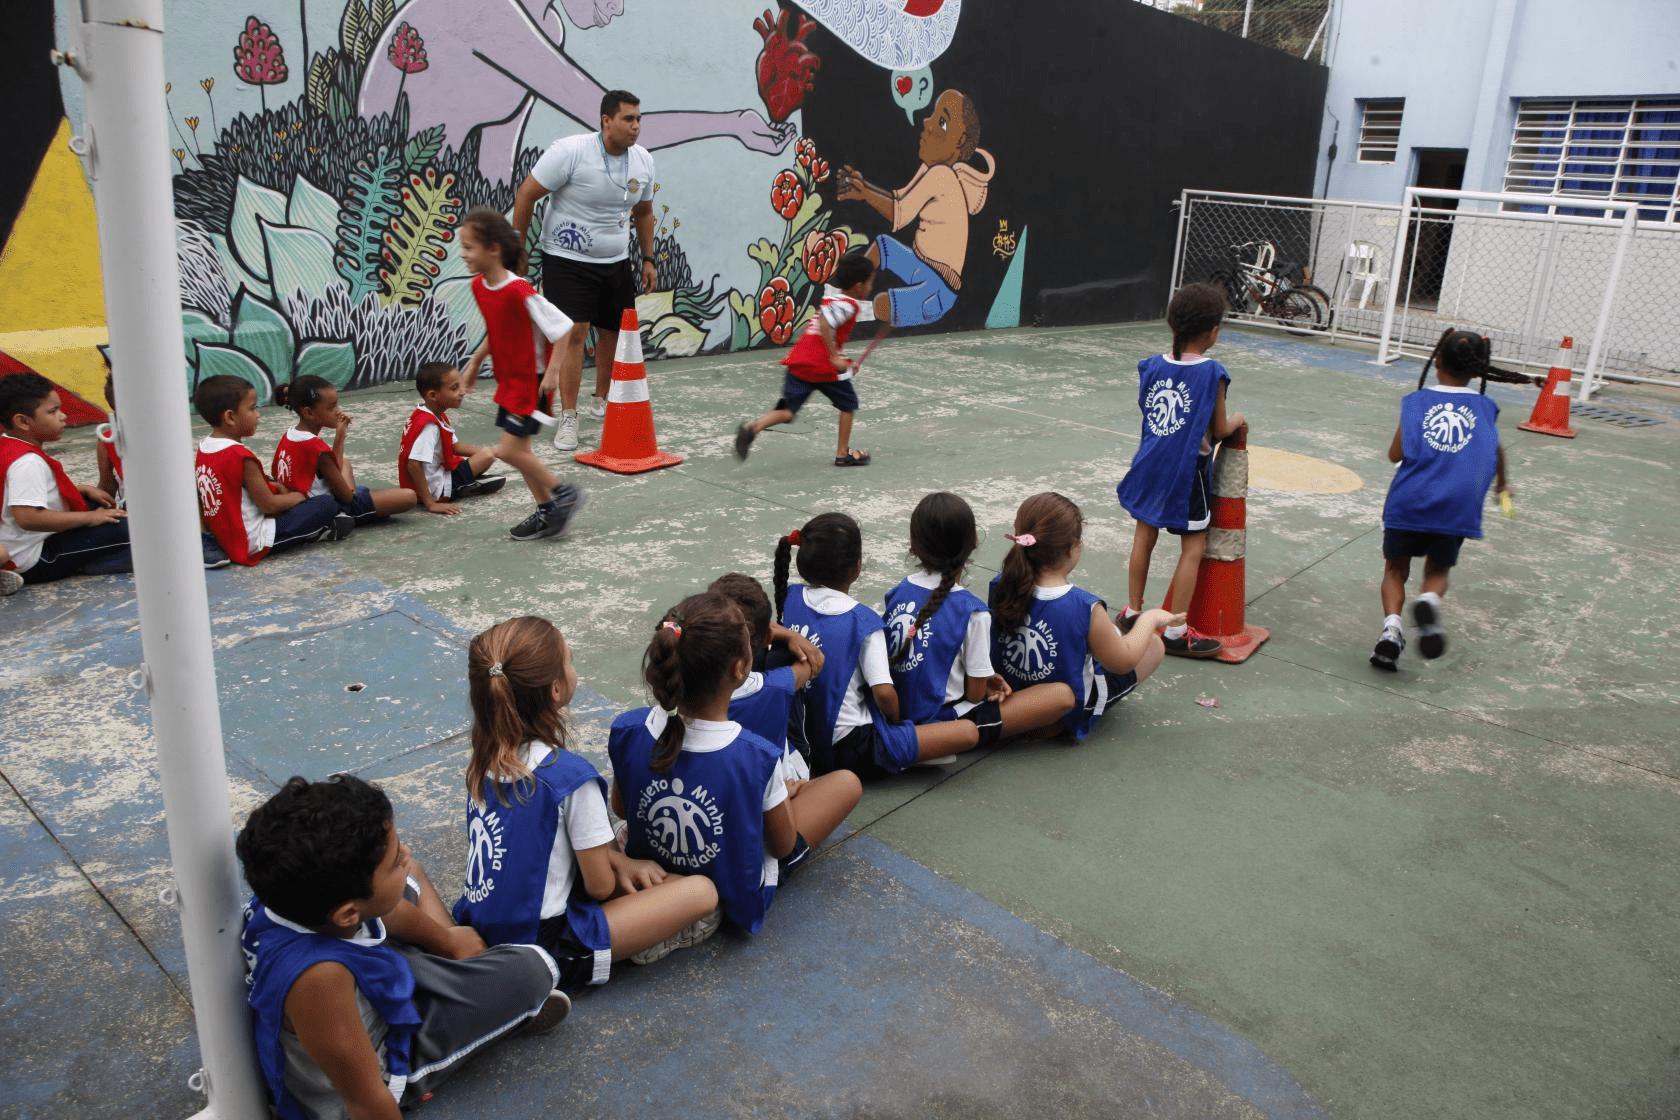 Escola MARTINS NUCLEO JORNADA AMPLIADA - em SABOO, SANTOS, SP